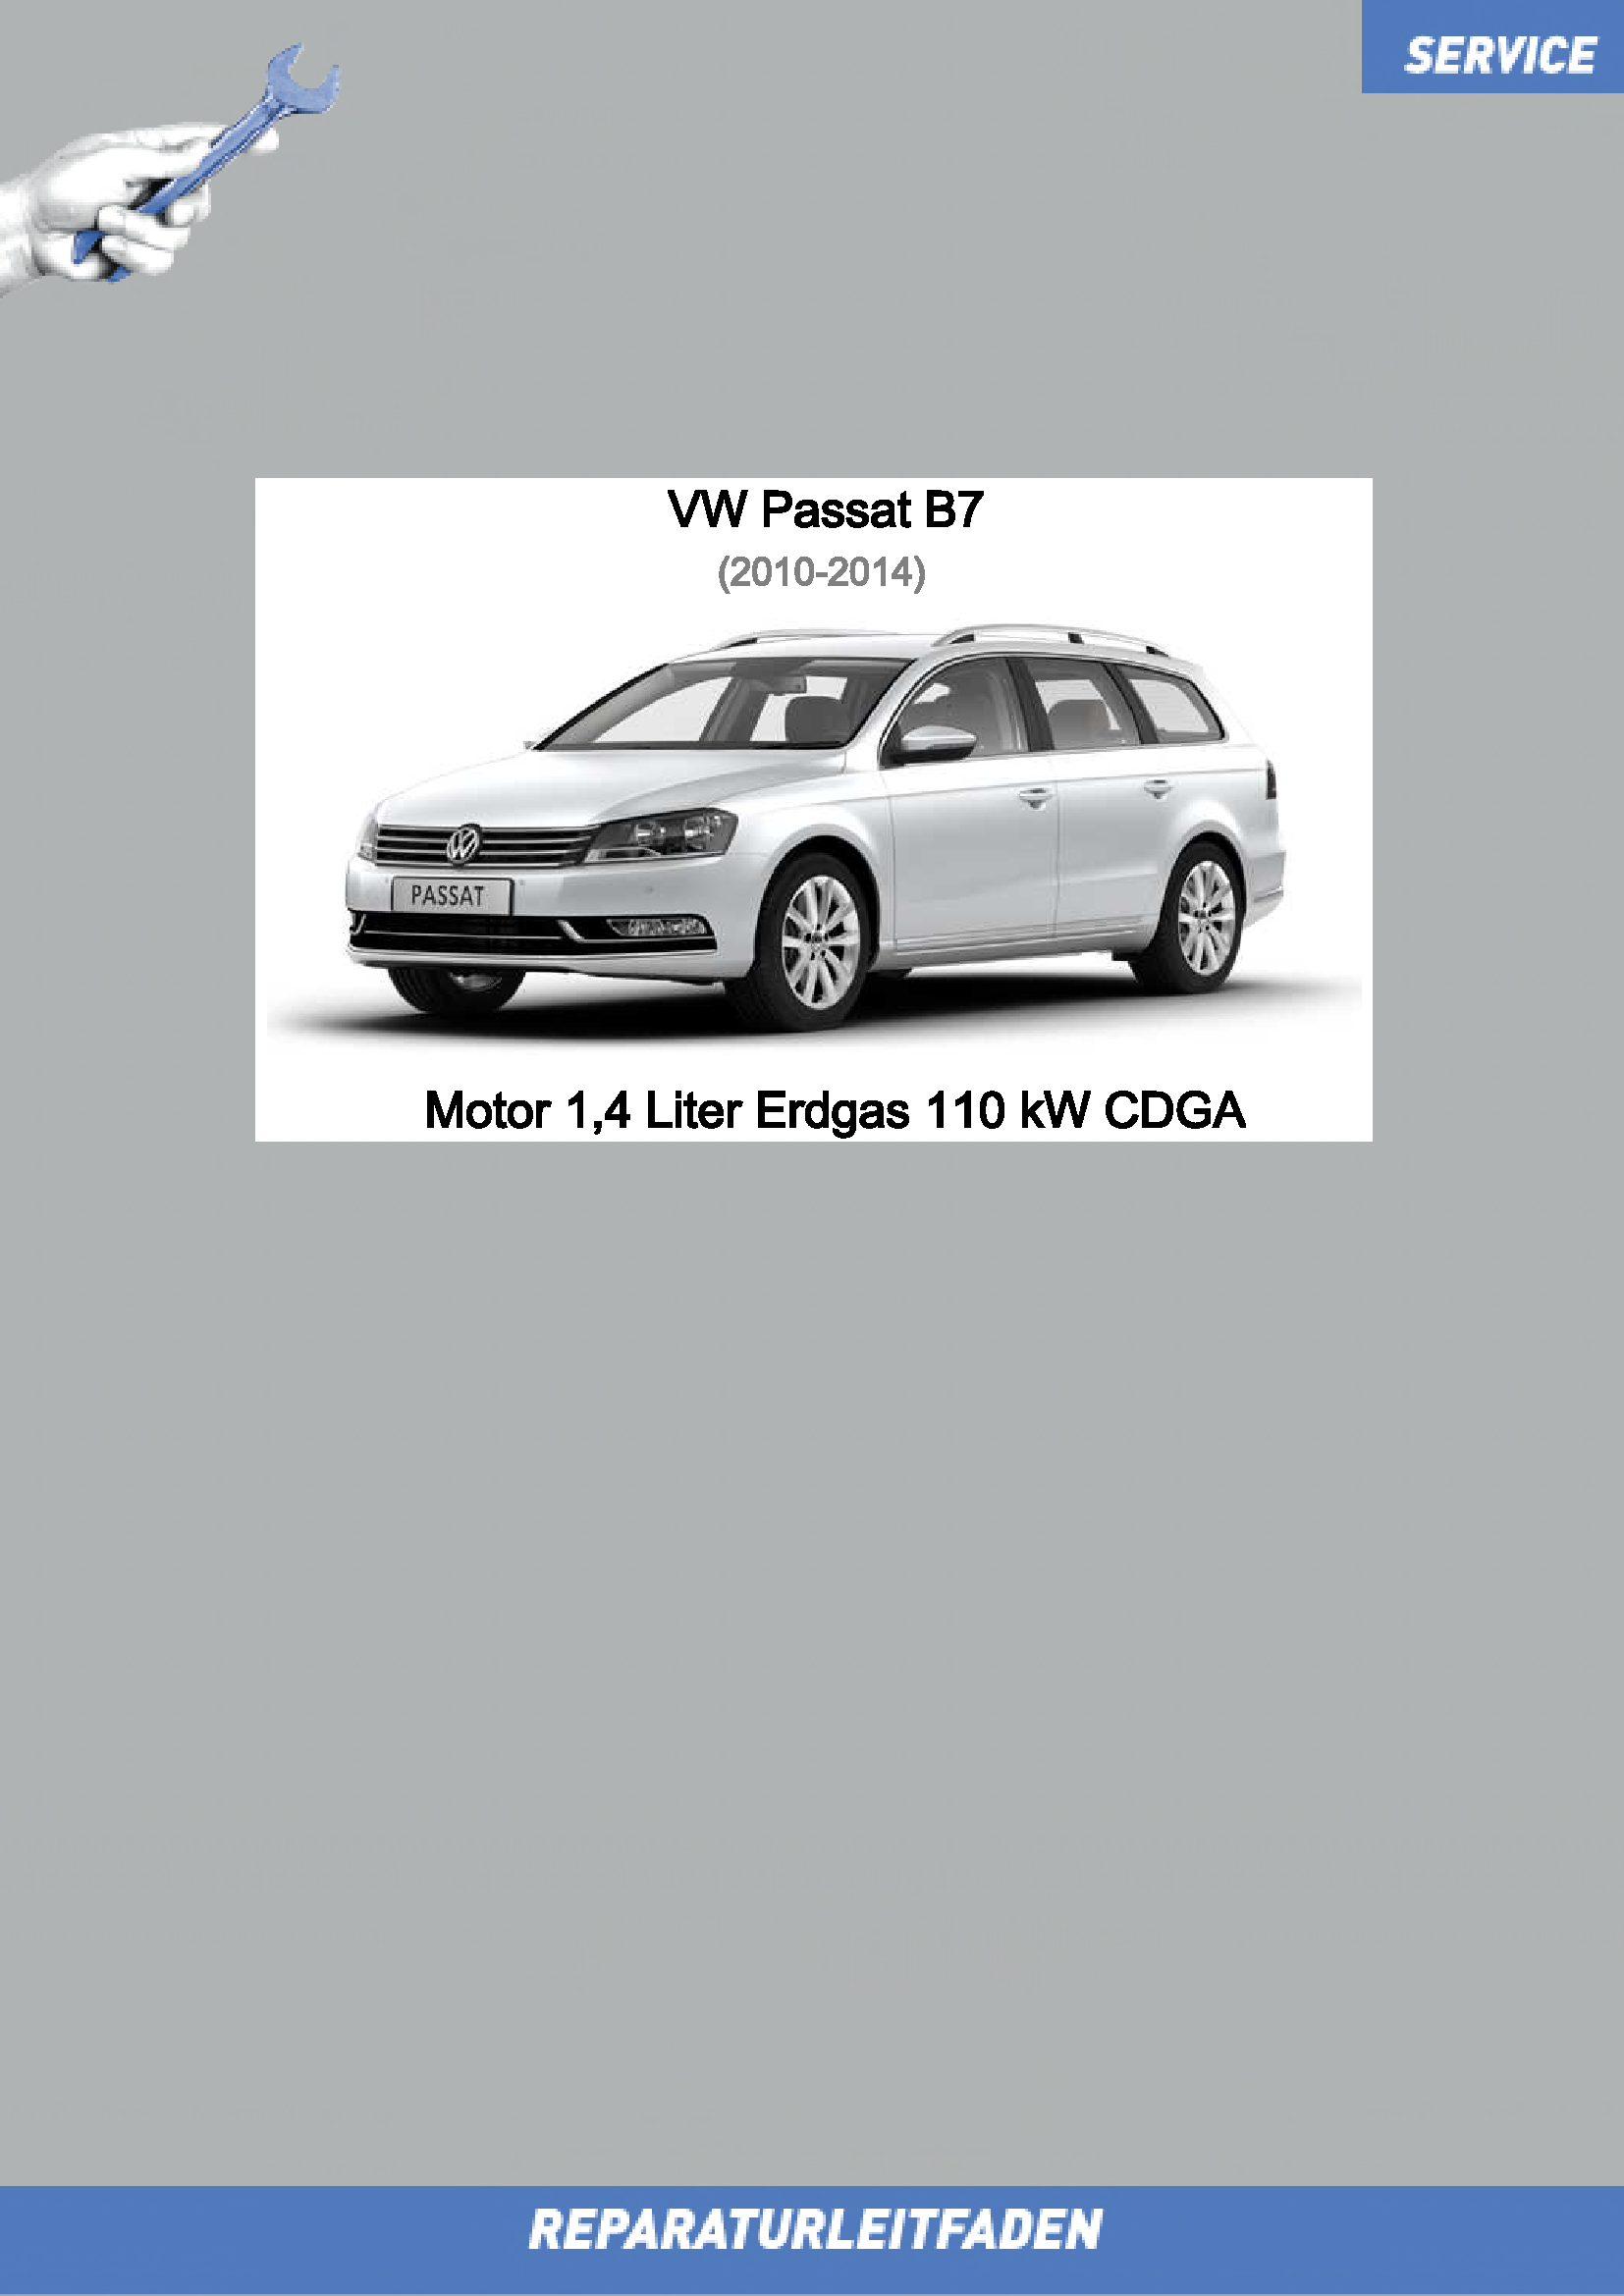 vw-passat-36-0022-motor_1_4_liter_erdgas_110_kw_cdga_1.png